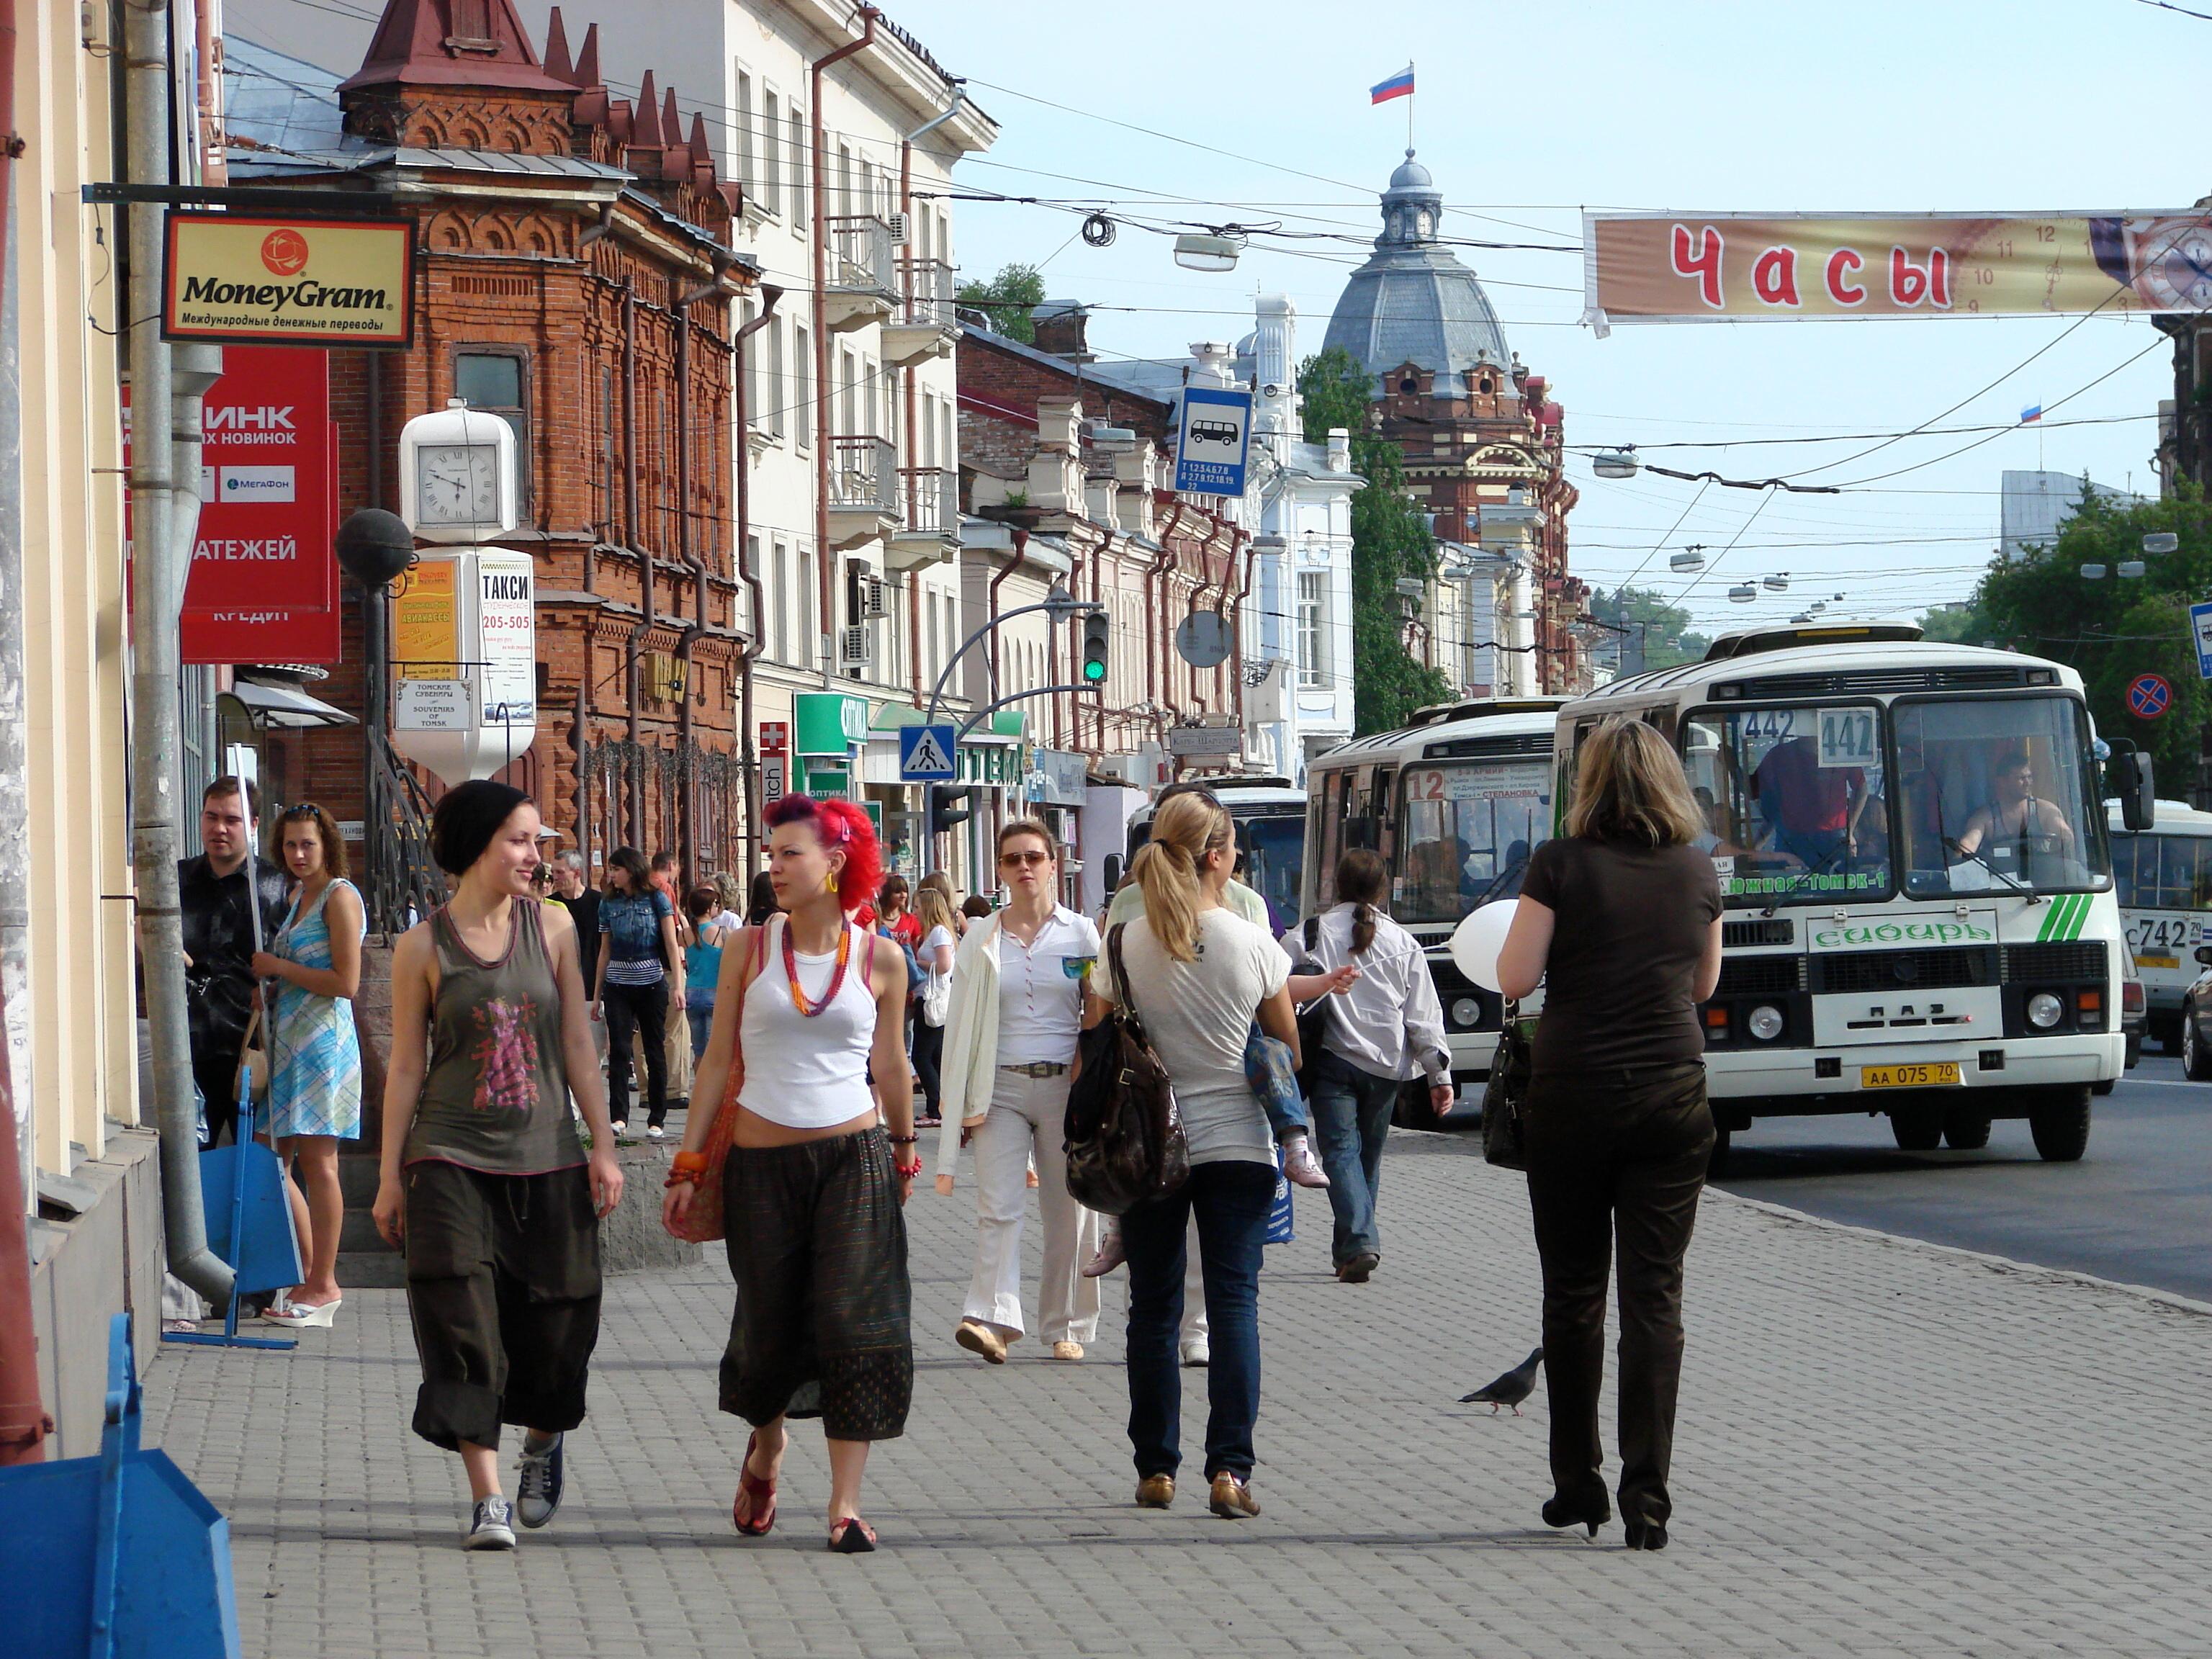 street_scene_in_tomsk_-_russia